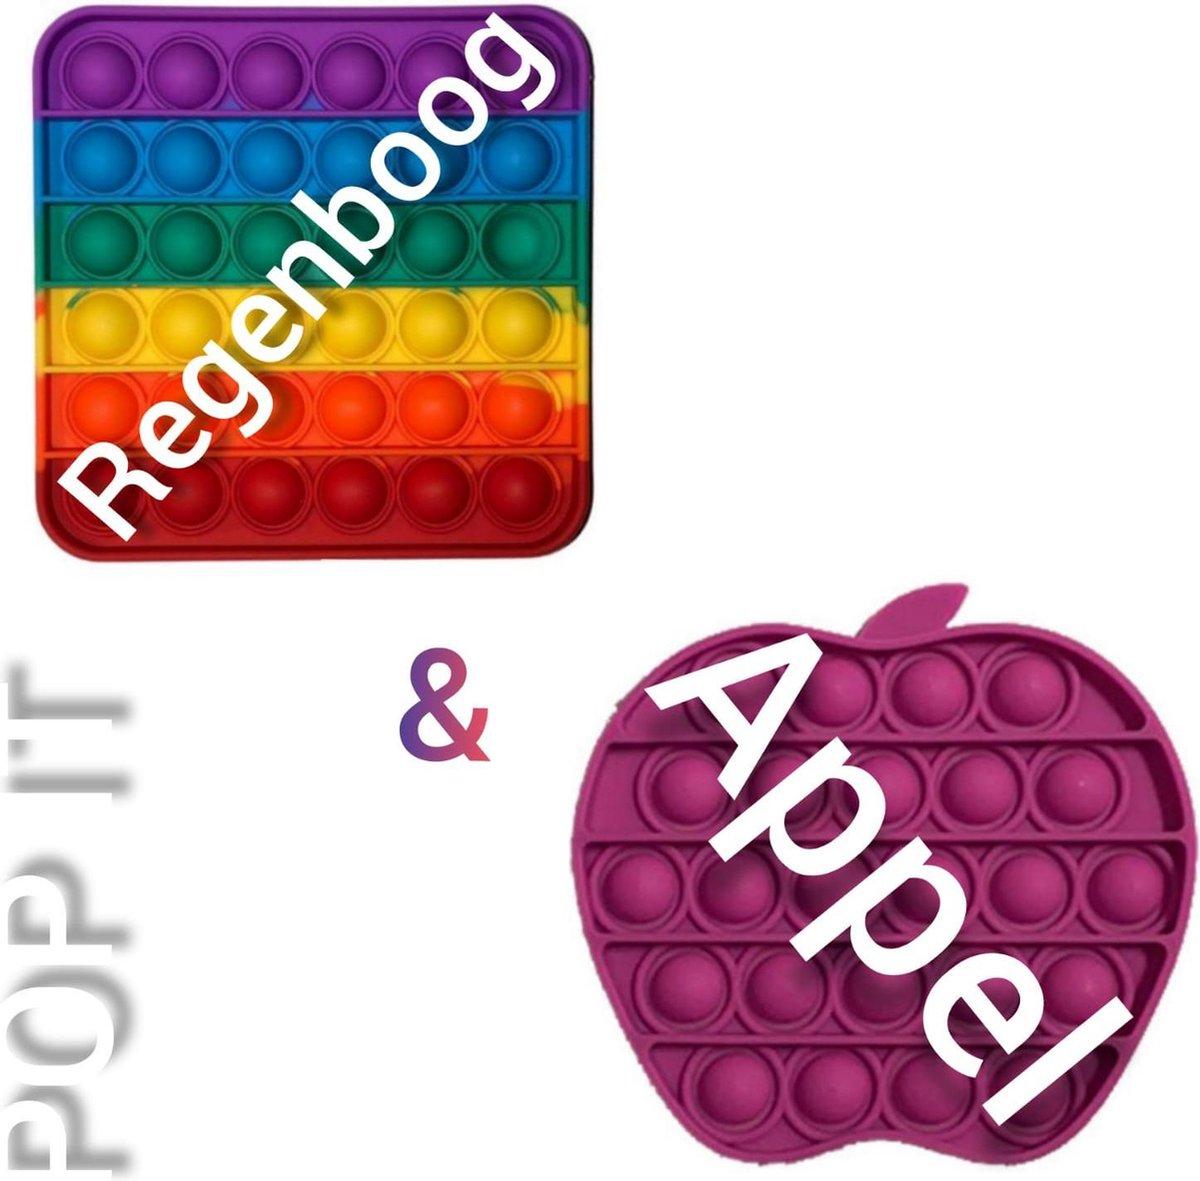 Fidget toys | Pop IT | Fidget toys pakket set van 2 stuks | Regenboog vierkant + Appel paars | Meisjes√ jongens√ volwassenen√ | Trend 2021 | Anti stress | Cadeautip _ Leuk voor zwembad